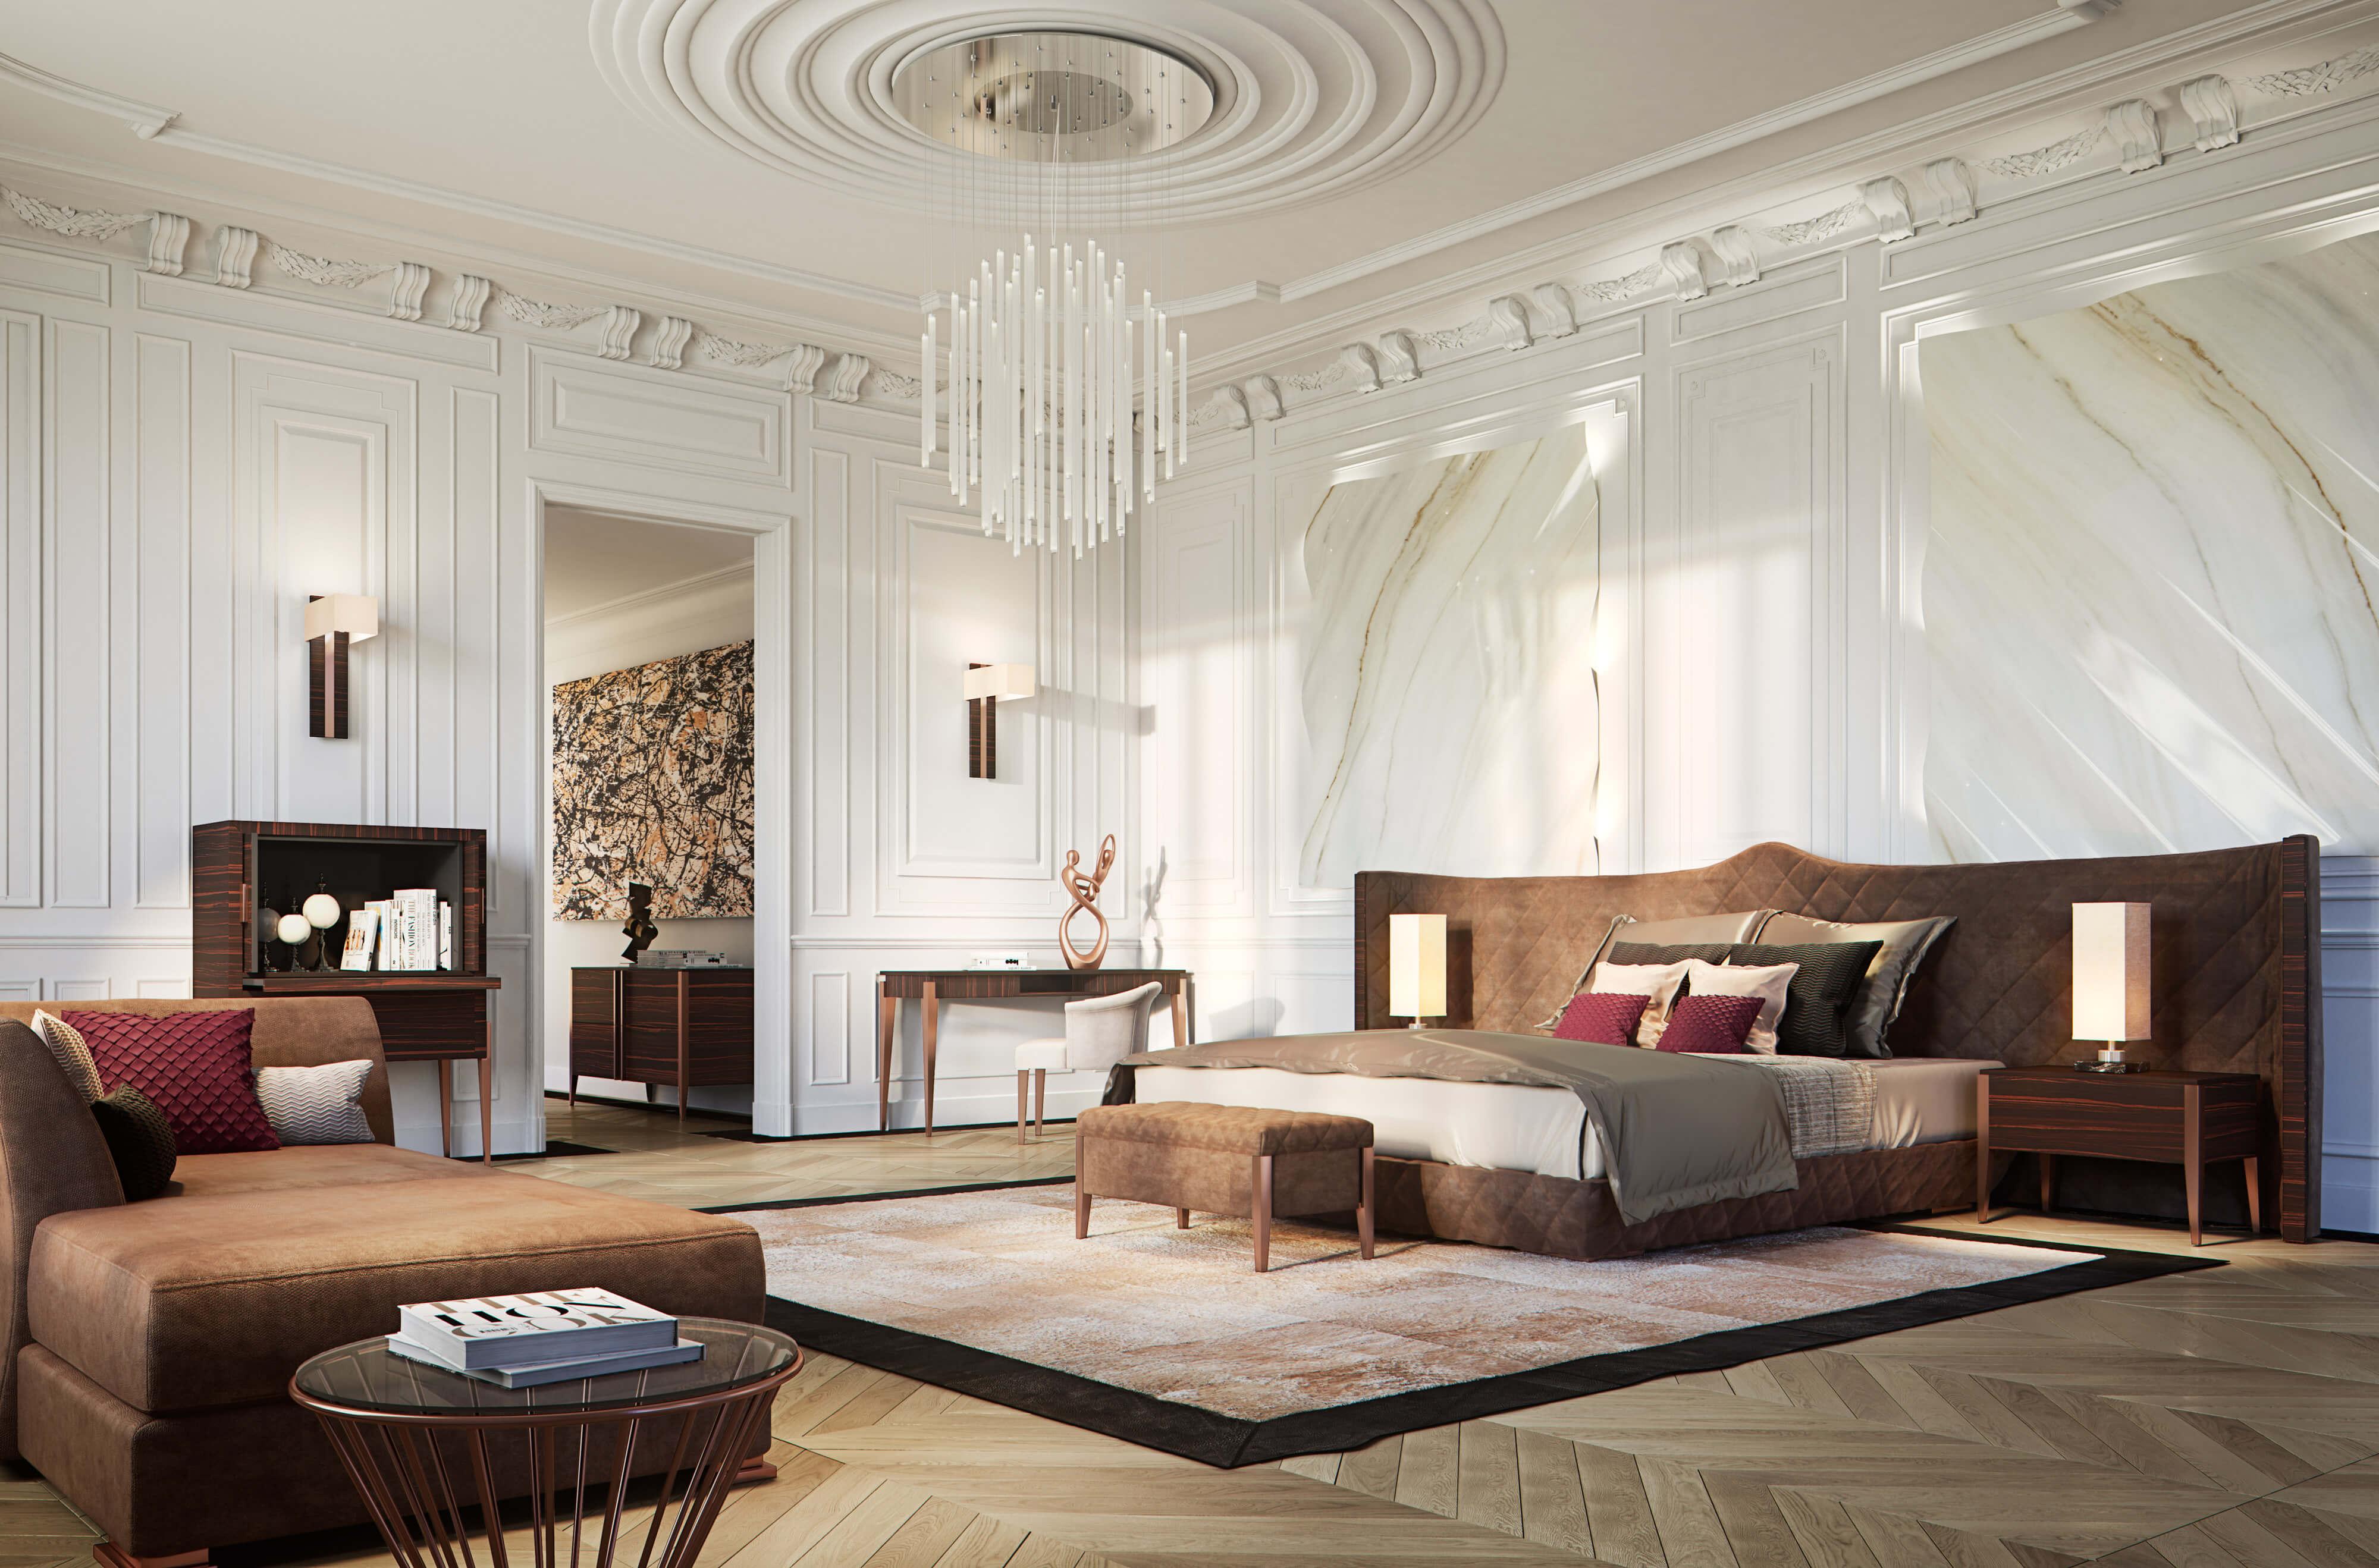 Спальня в стиле неоклассика предполагает наличие просторного помещения с высокими потолками